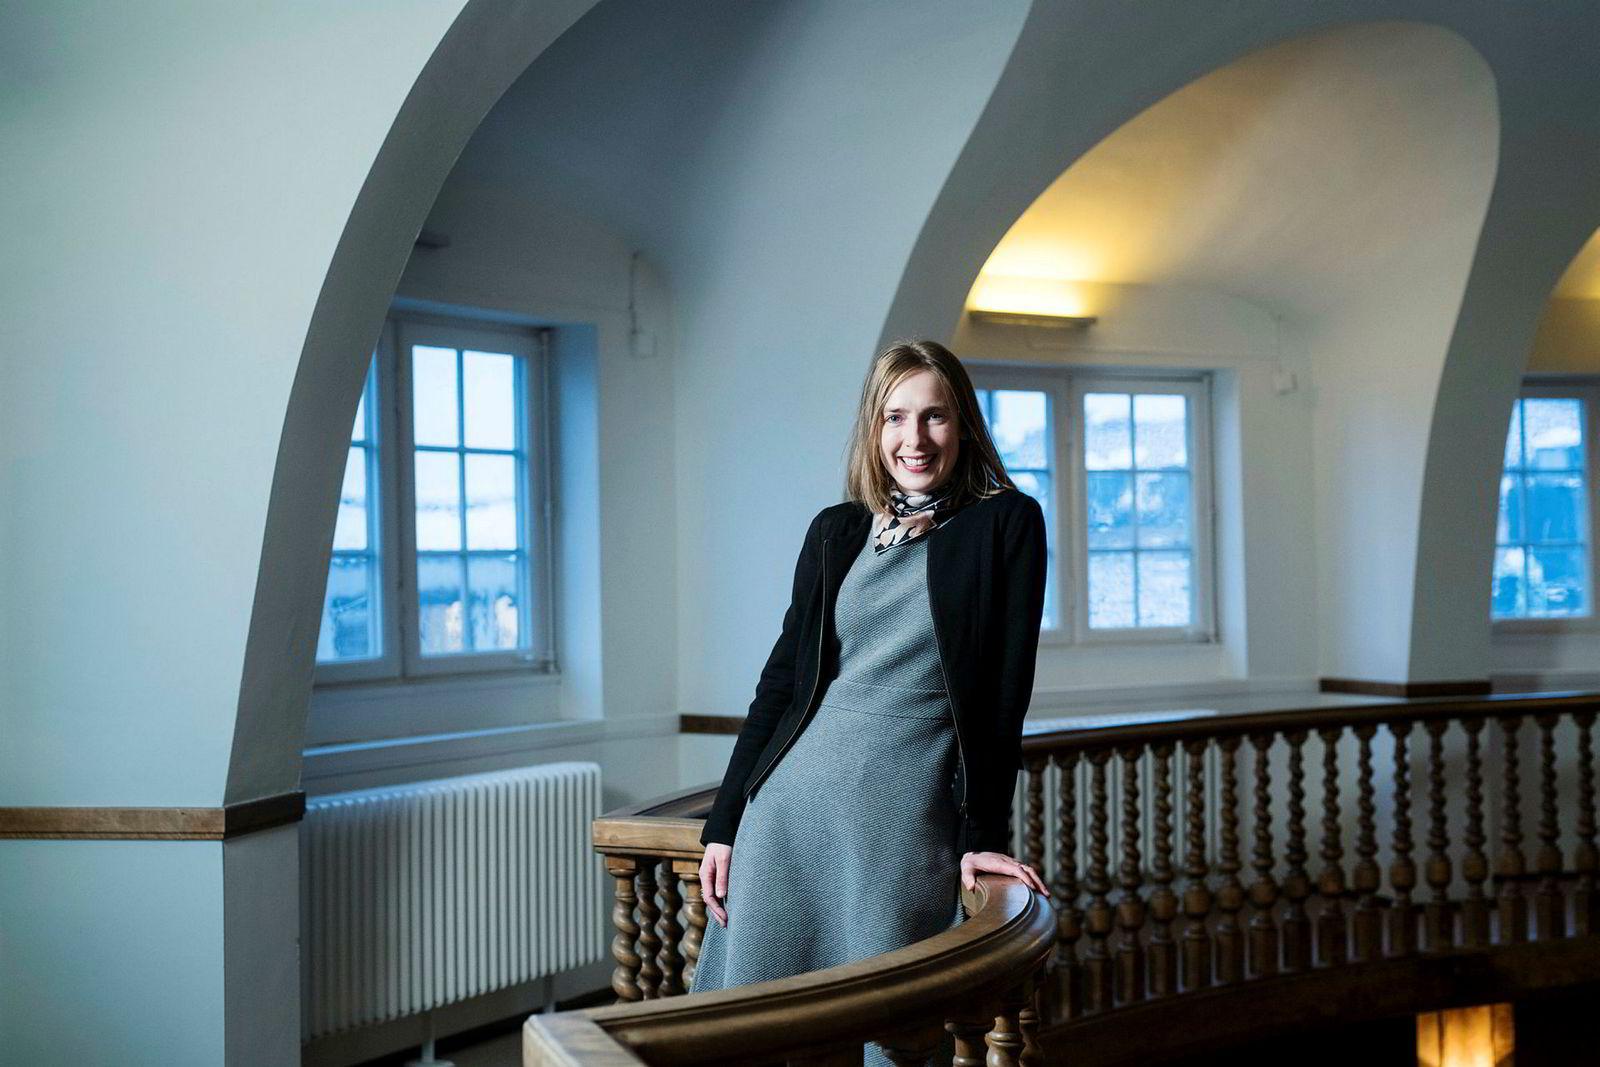 Forsknings- og høyere utdannelsesminister Iselin Nybø.